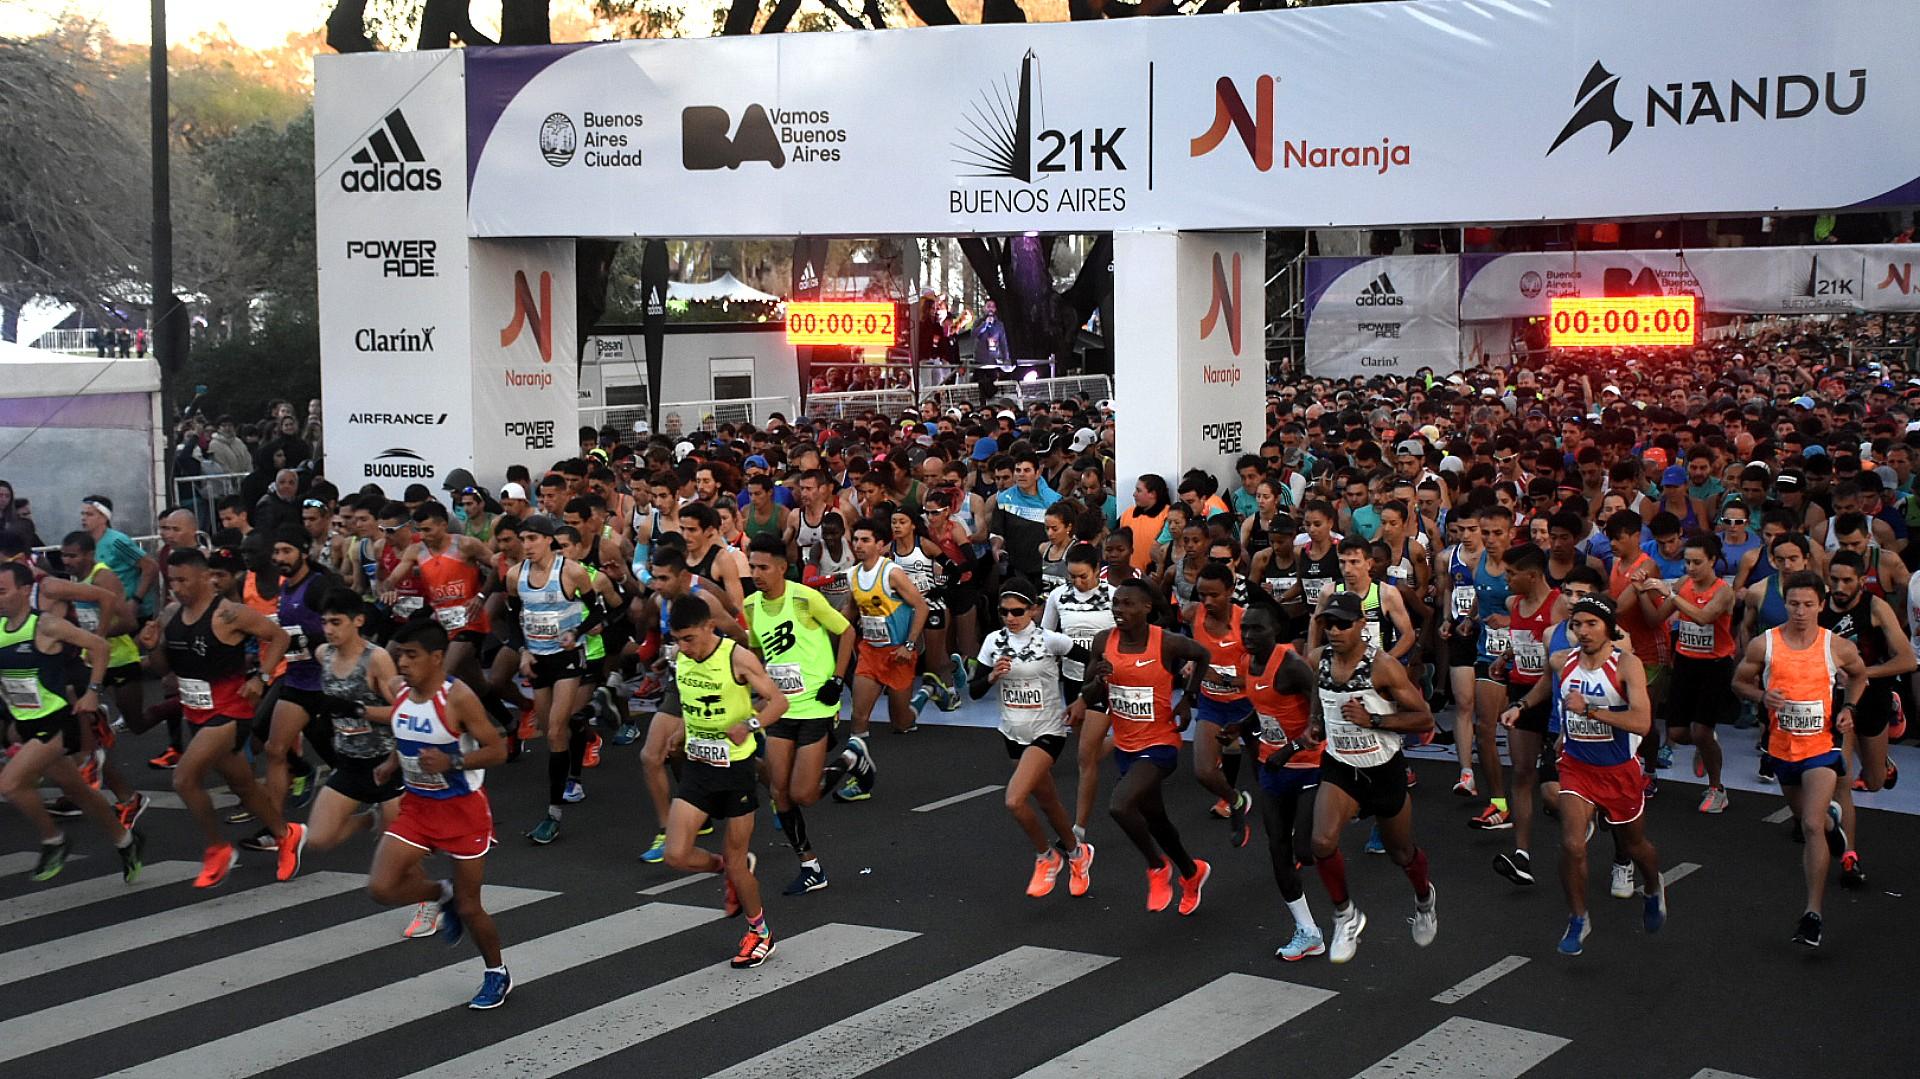 Hombres, mujeres, gente de todas las edades se consagró para la media maratón de Buenos Aires, uno de los eventos deportivos más convocantes de su tipo